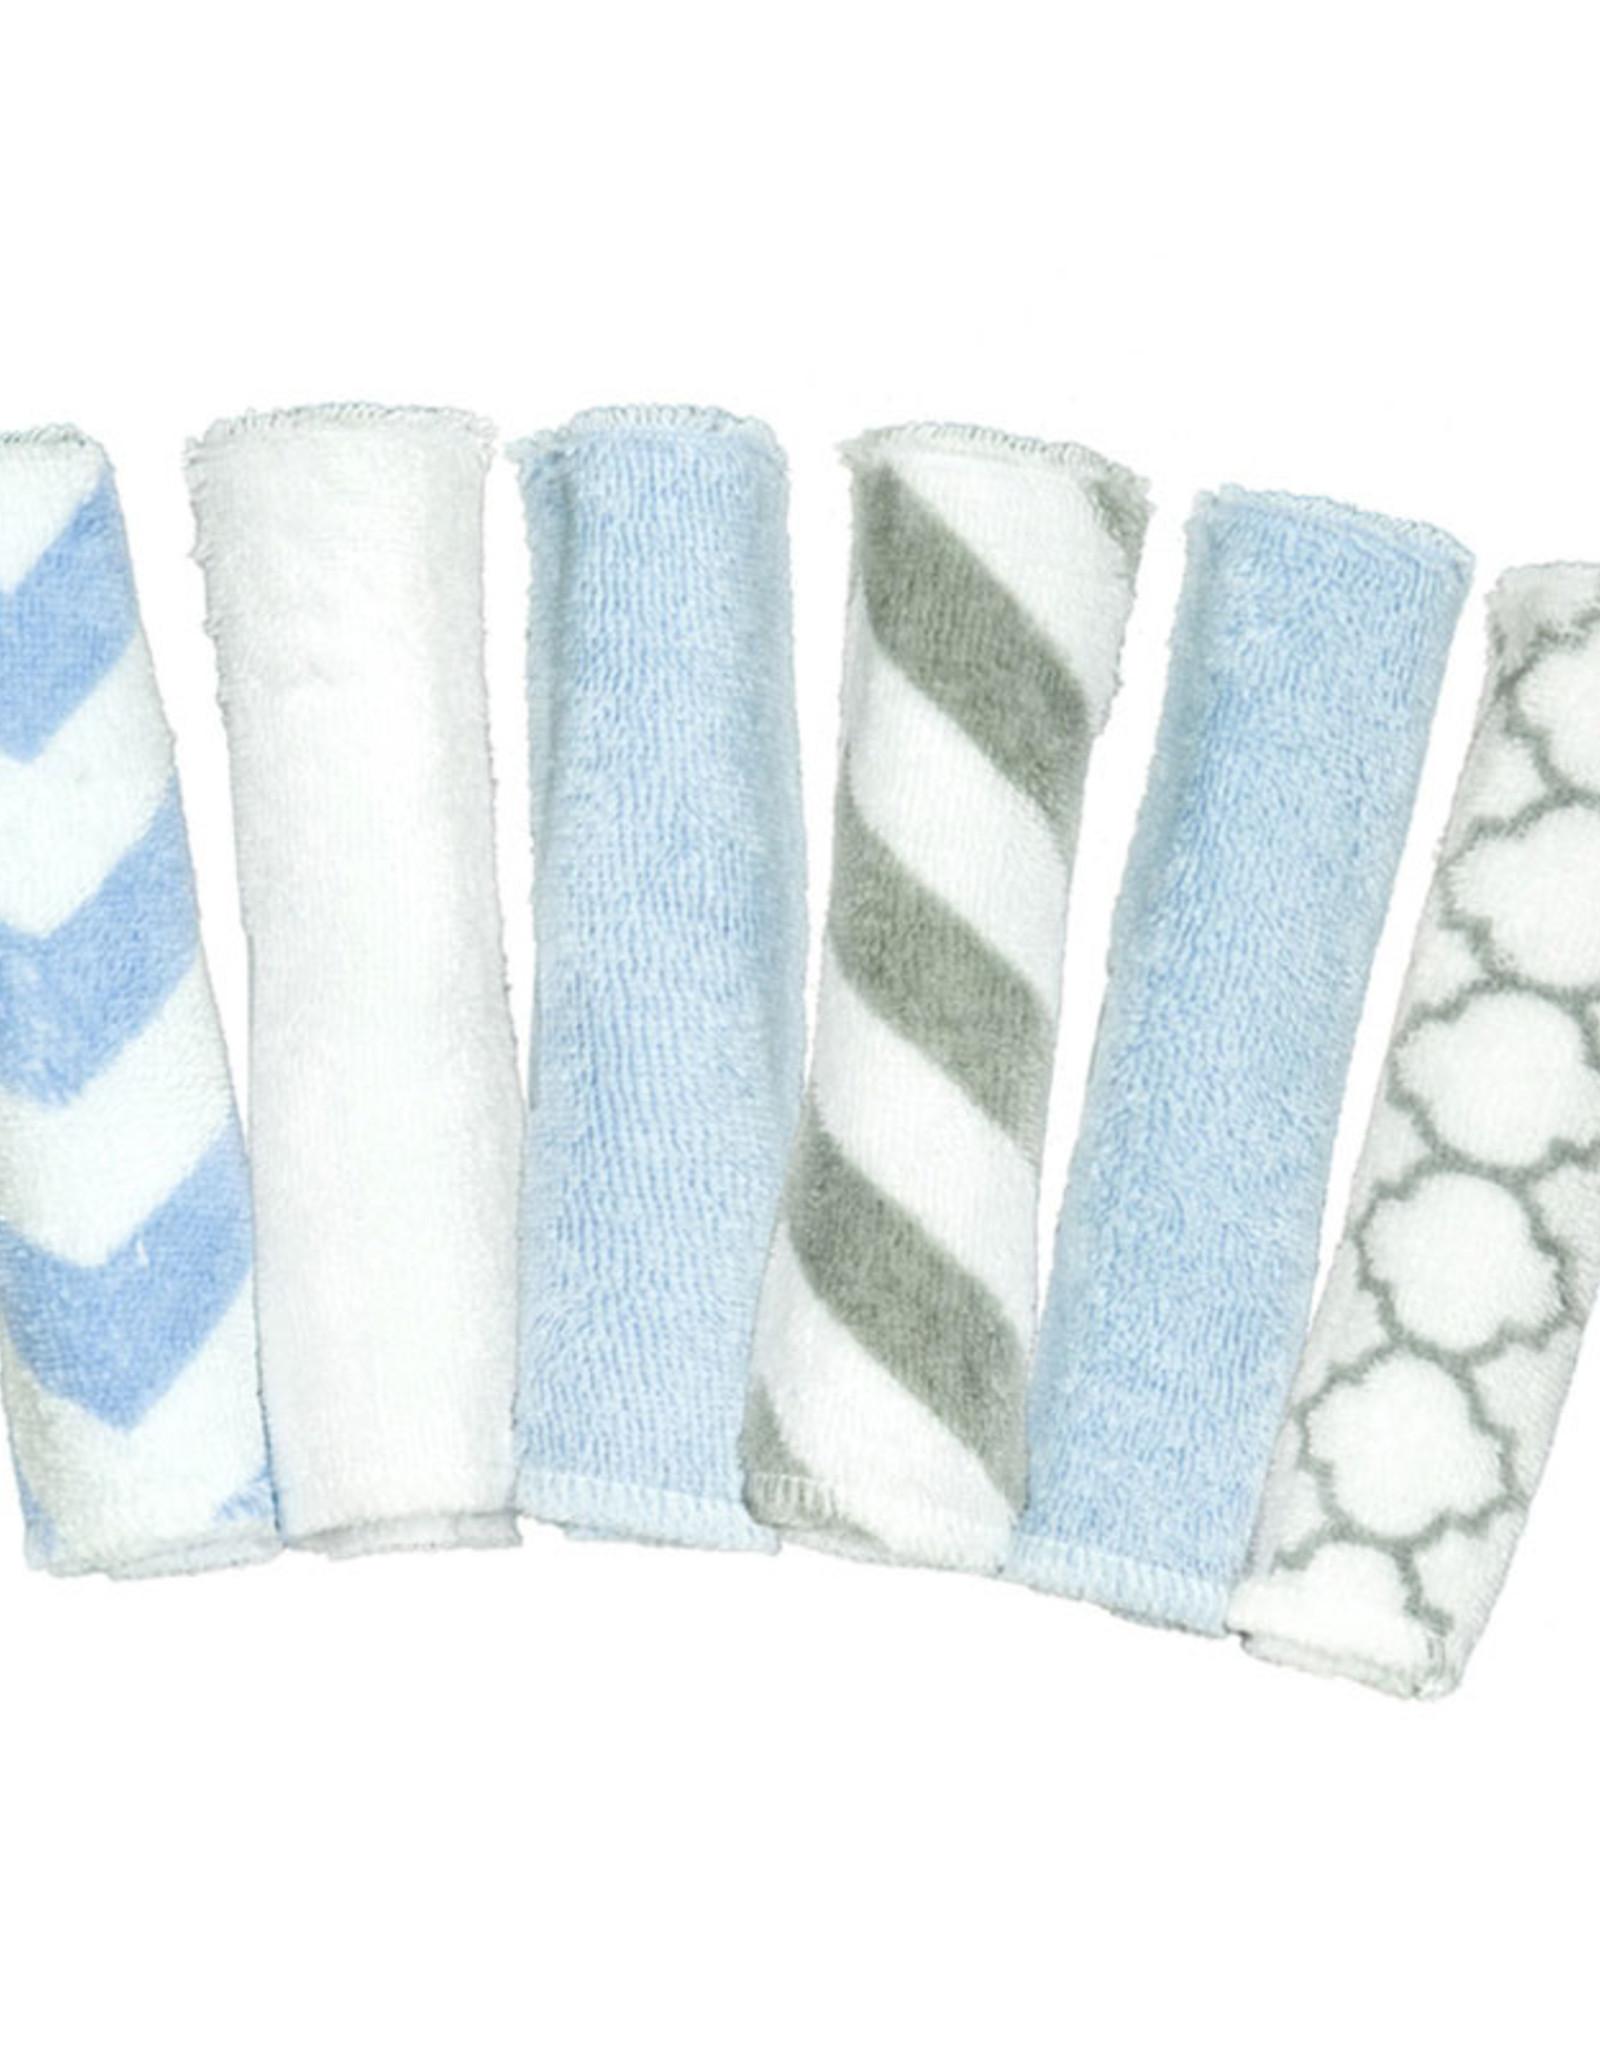 Kushies 6 Pack Wash Cloths